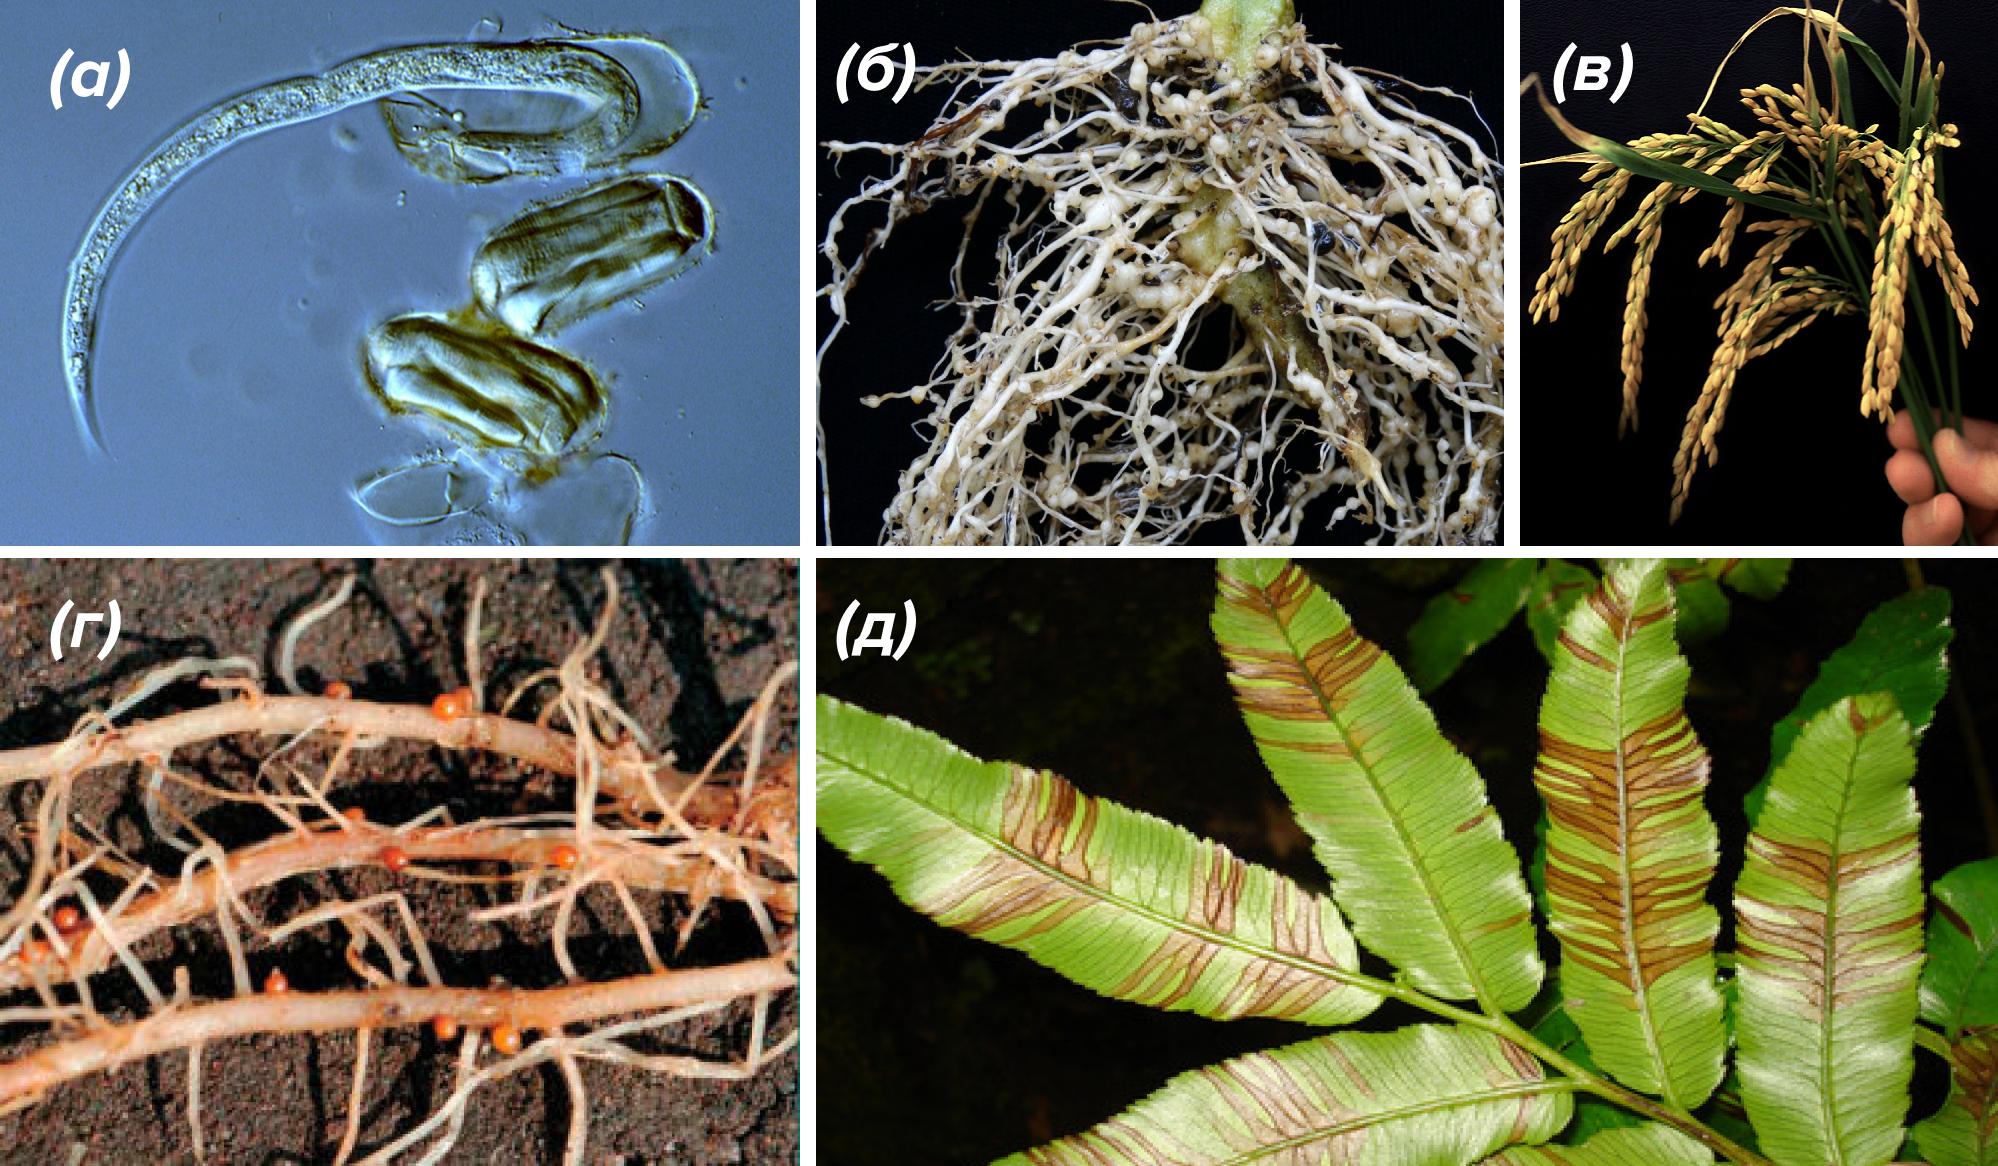 Внешние проявления поражения растений нематодами